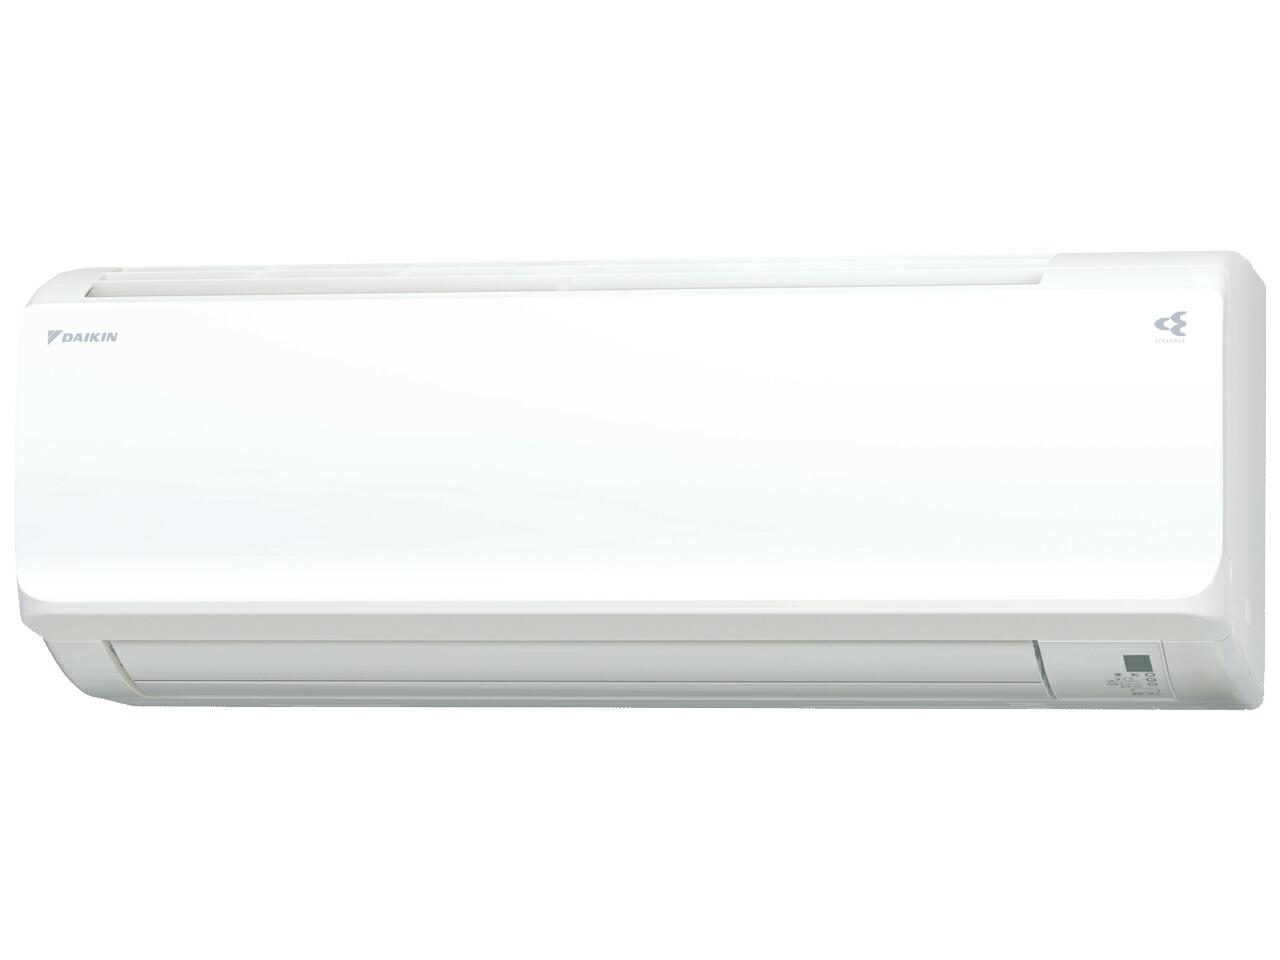 ルームエアコン  ダイキン(DAIKIN) ルームエアコン 【S40WTCXP】CXシリーズ 14畳程度